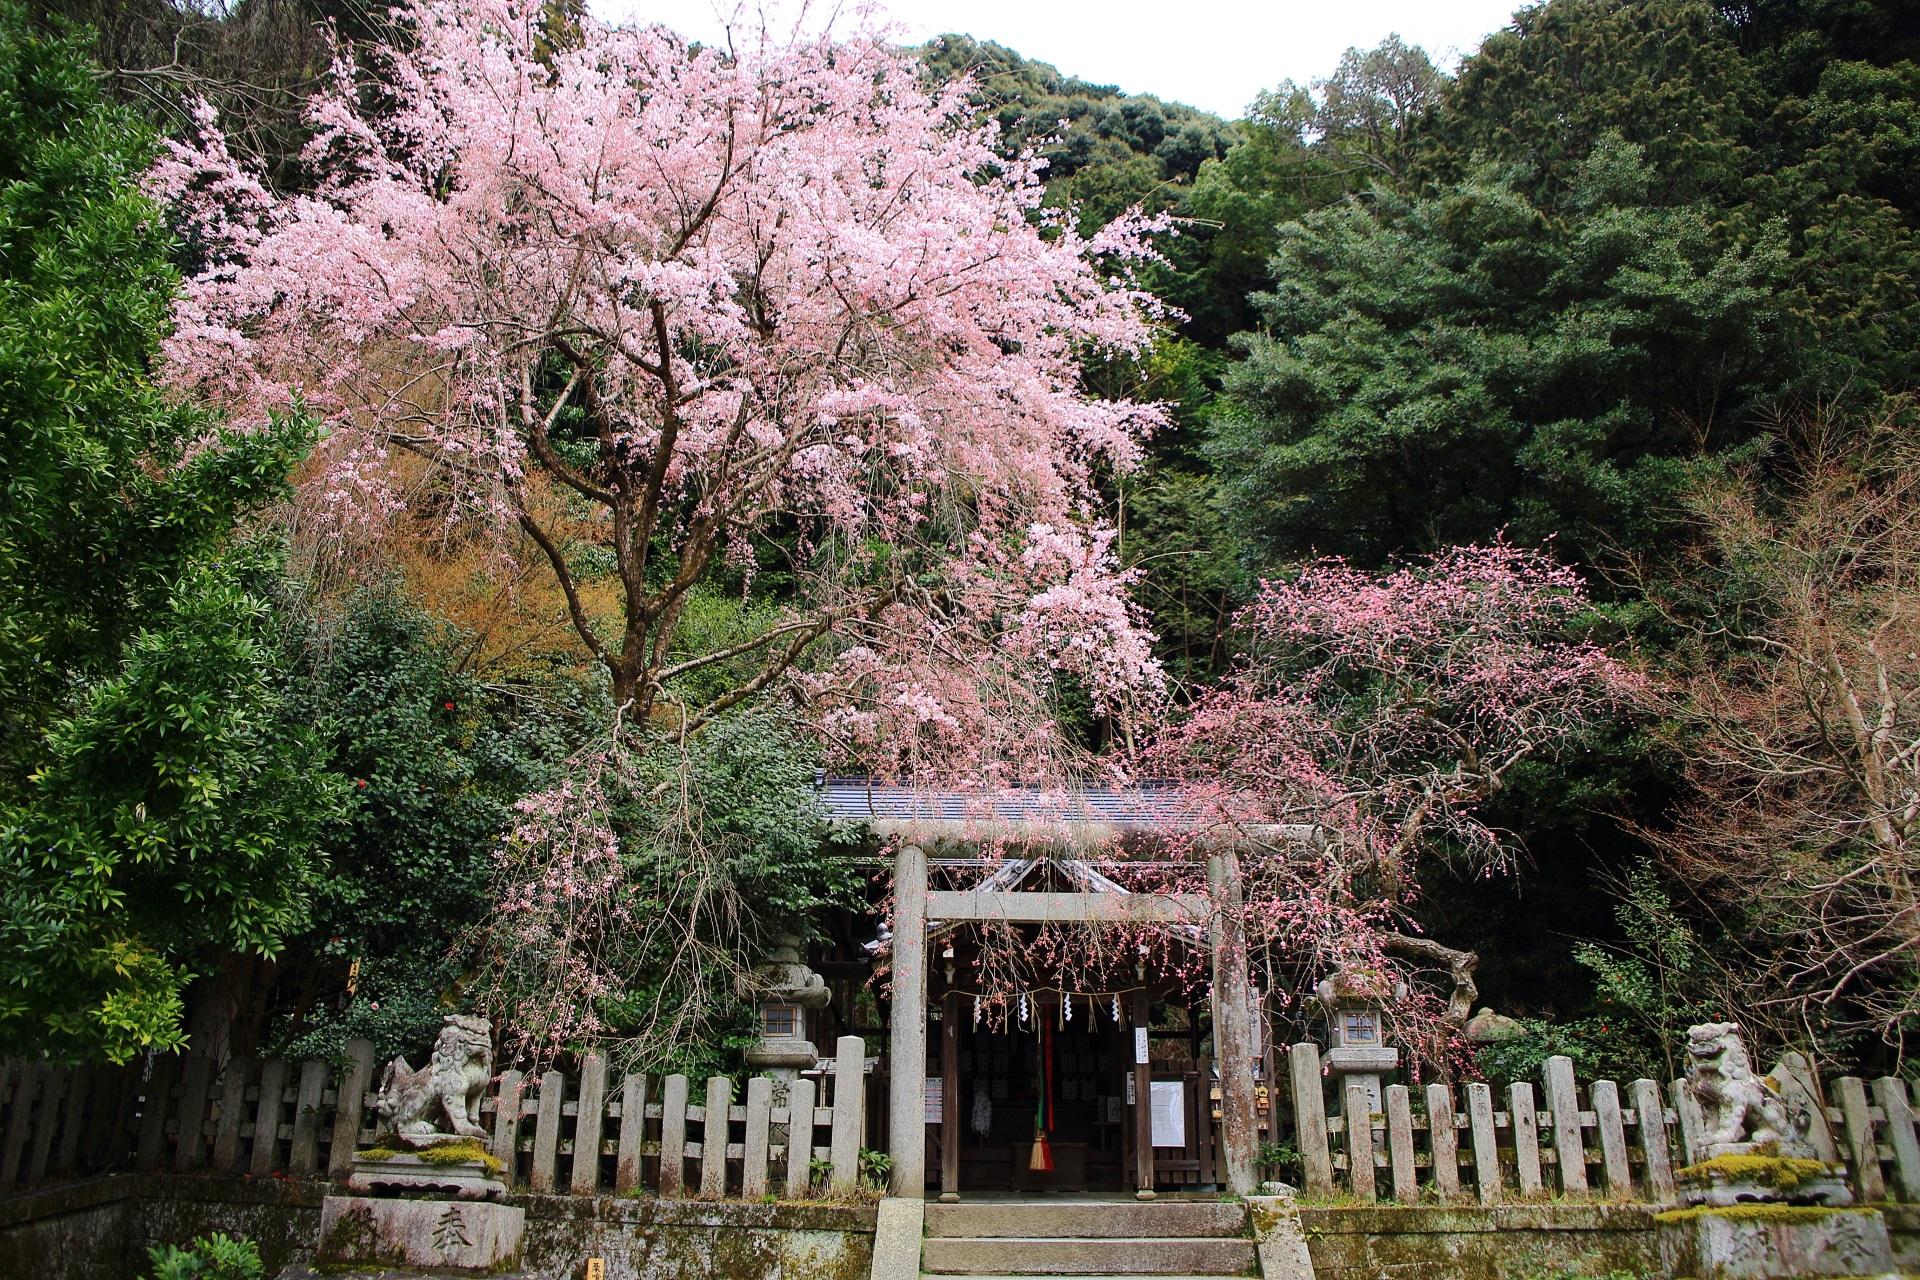 大豊神社 しだれ桜 華やかなピンクの舞